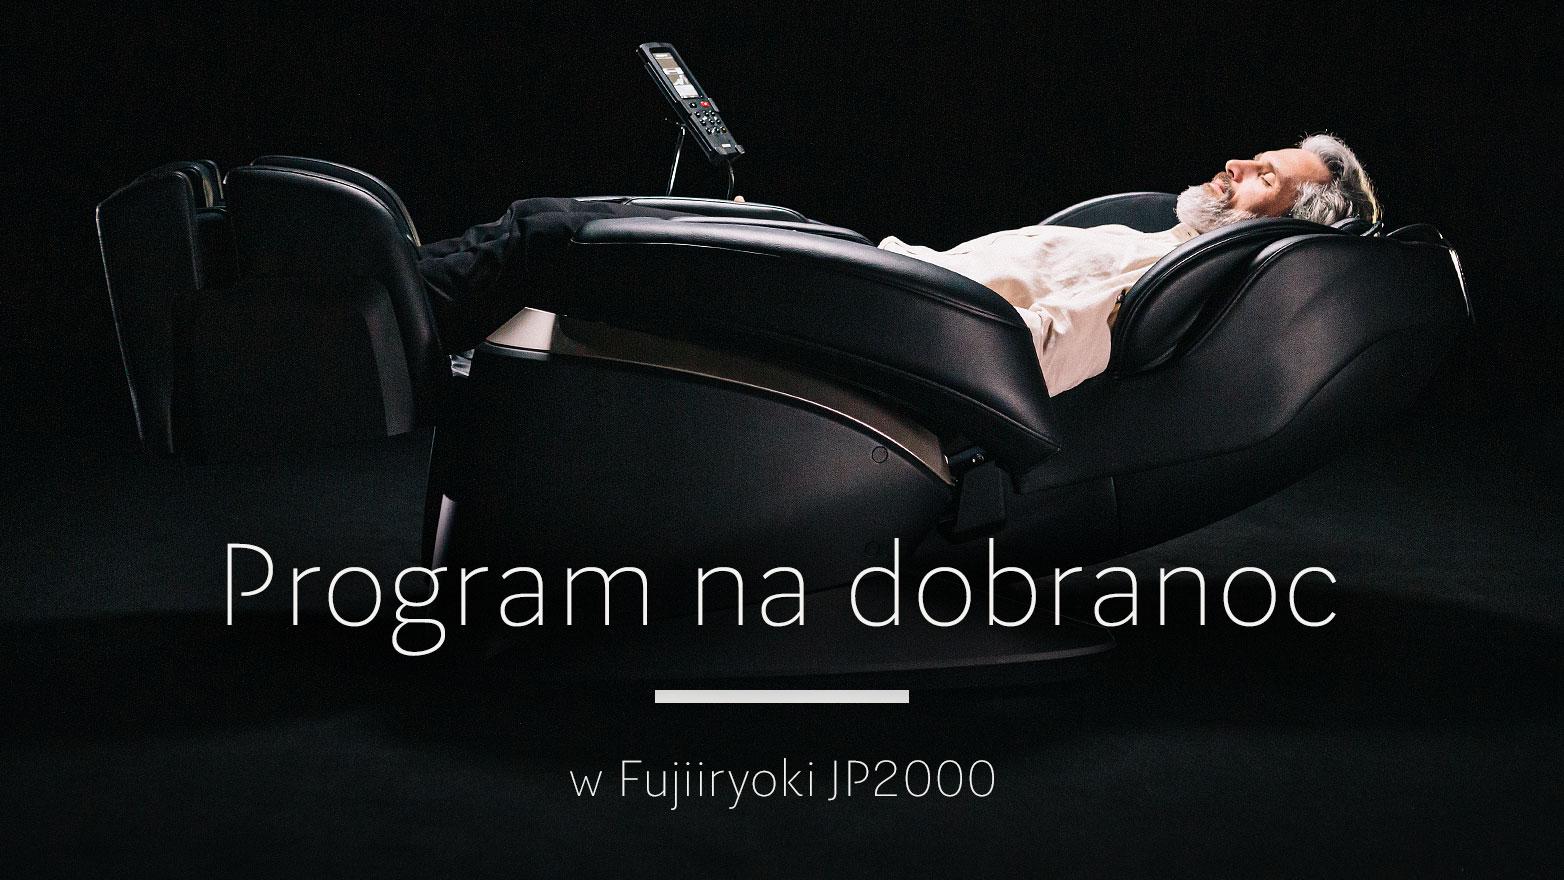 Program na dobranoc w fotelu masującym